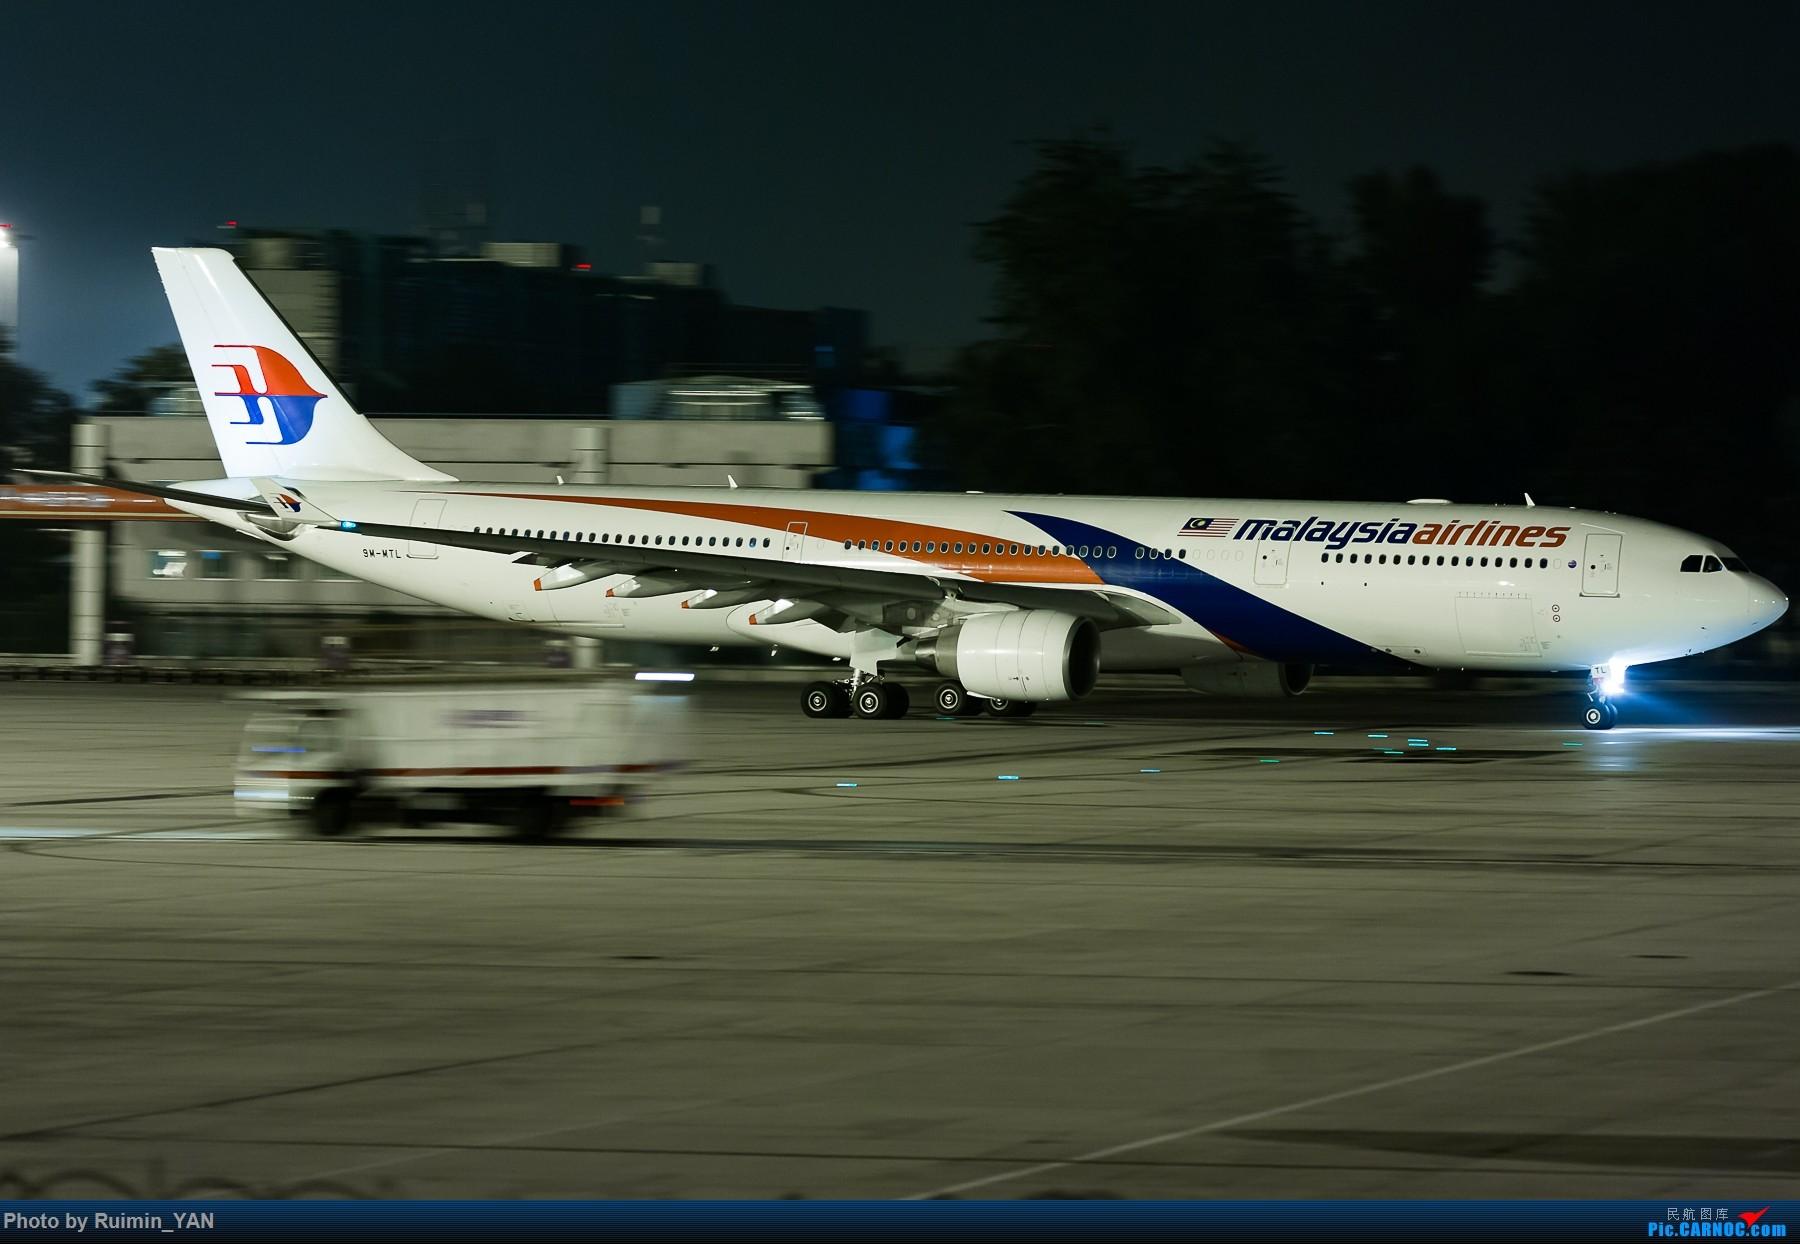 [原创]【PEK飞友会】马航 AIRBUS A330-300 9M-MTL 中国北京首都国际机场